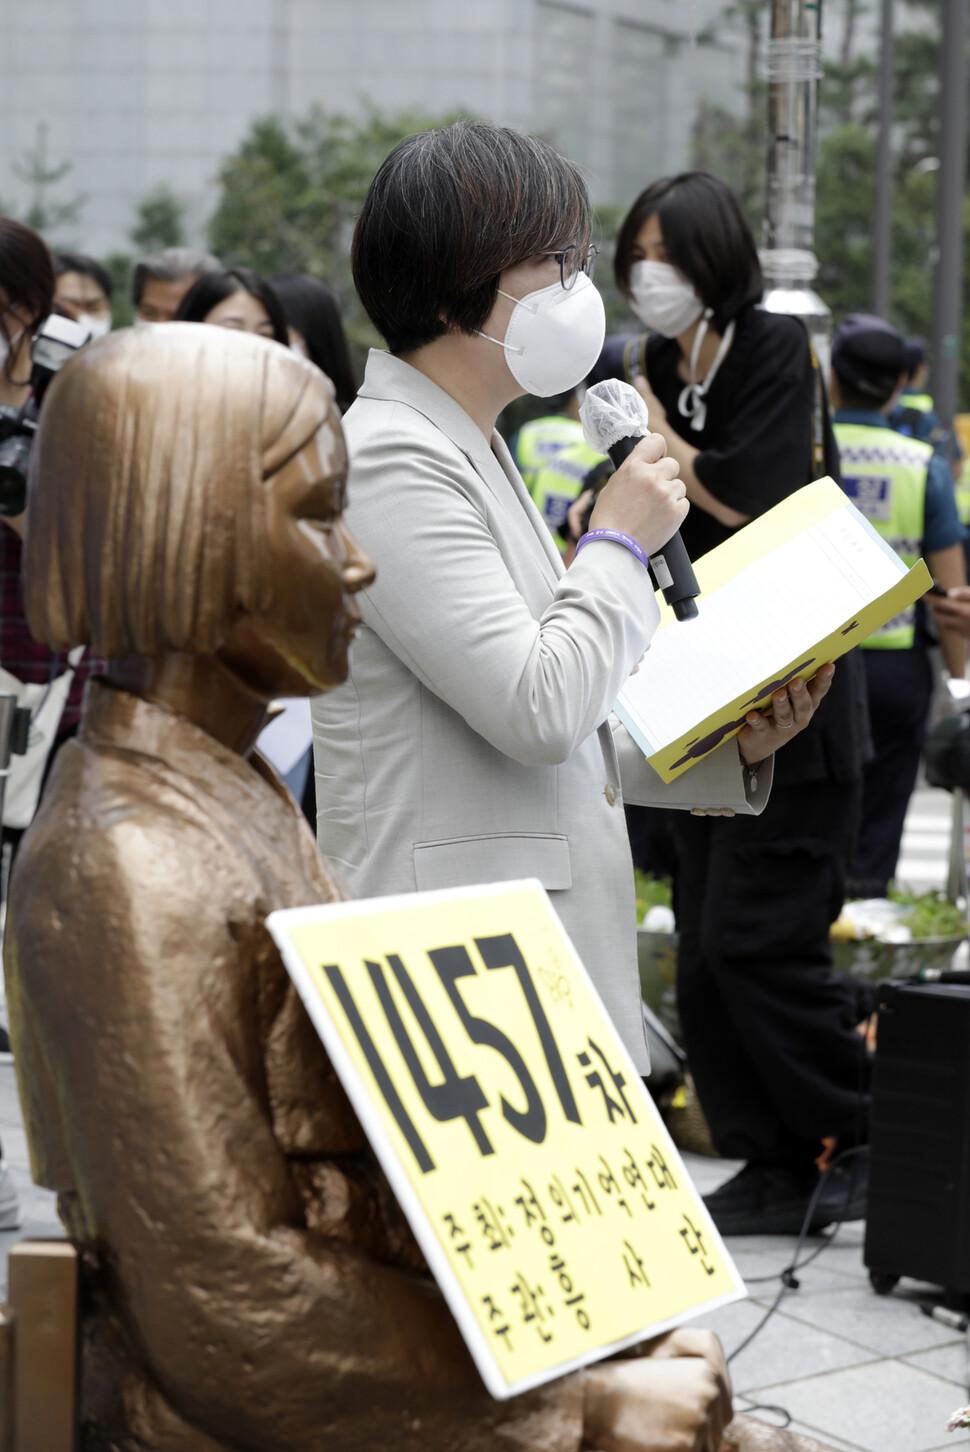 16일 낮 서울 종로구 구 일본대사관 앞에서 기자회견 형식으로 열린 `제1457차 일본군성노예제 문제해결을 위한 정기 수요시위'에서 이나영 정의기억연대 이사장이 주간보고를 하고 있다. 김혜윤 기자 unique@hani.co.kr